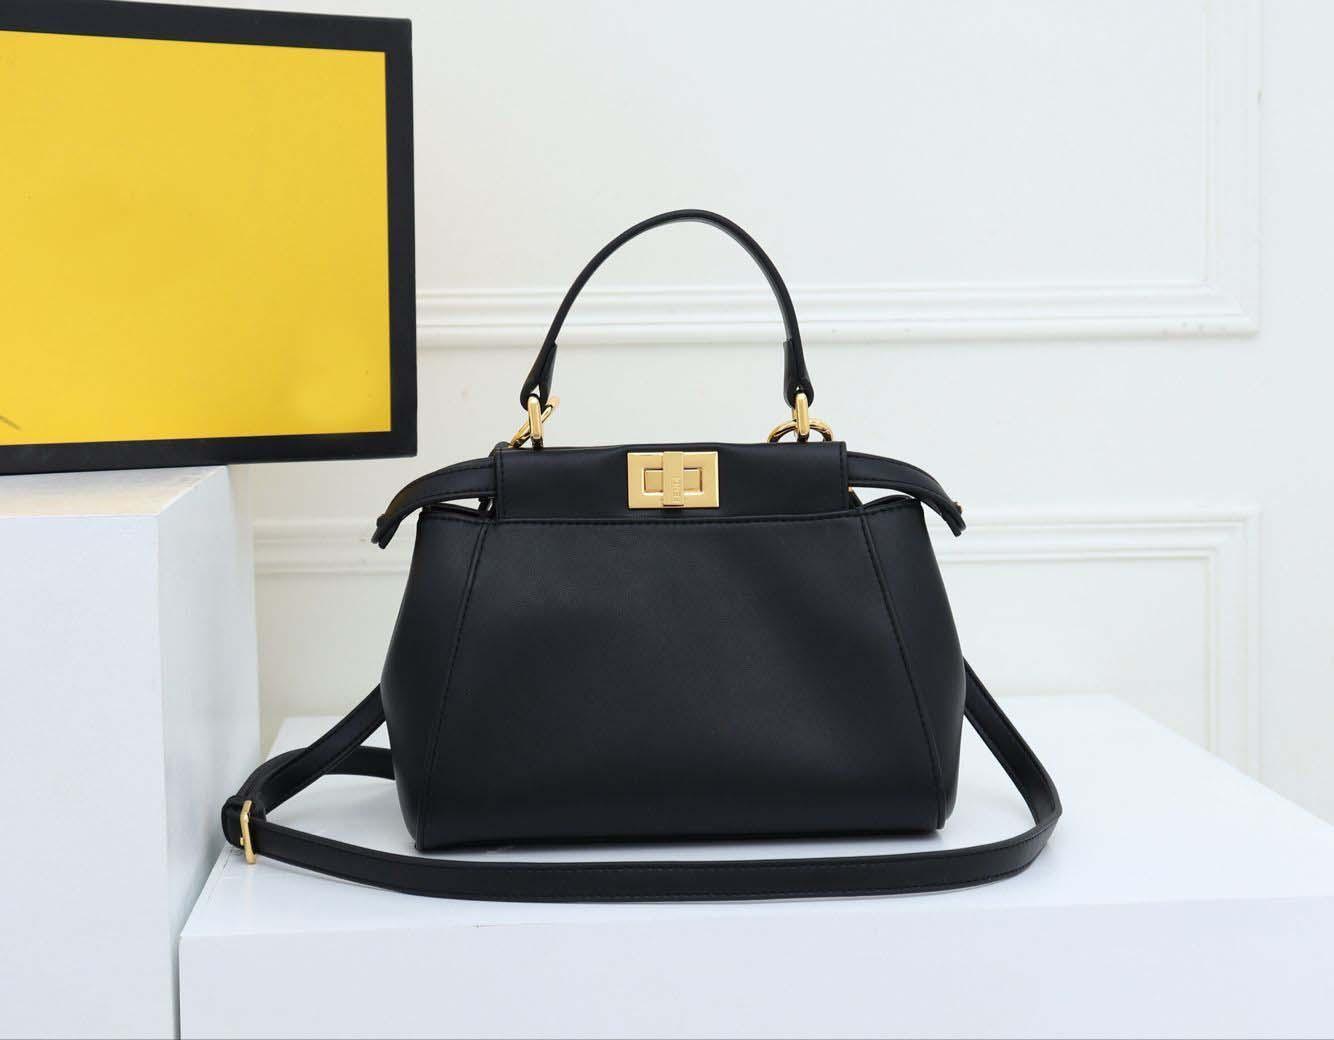 heiße Handtaschendame Schultertasche Tote Umhängetasche Original-Hardware Damen Luxusbeutel freies Verschiffen